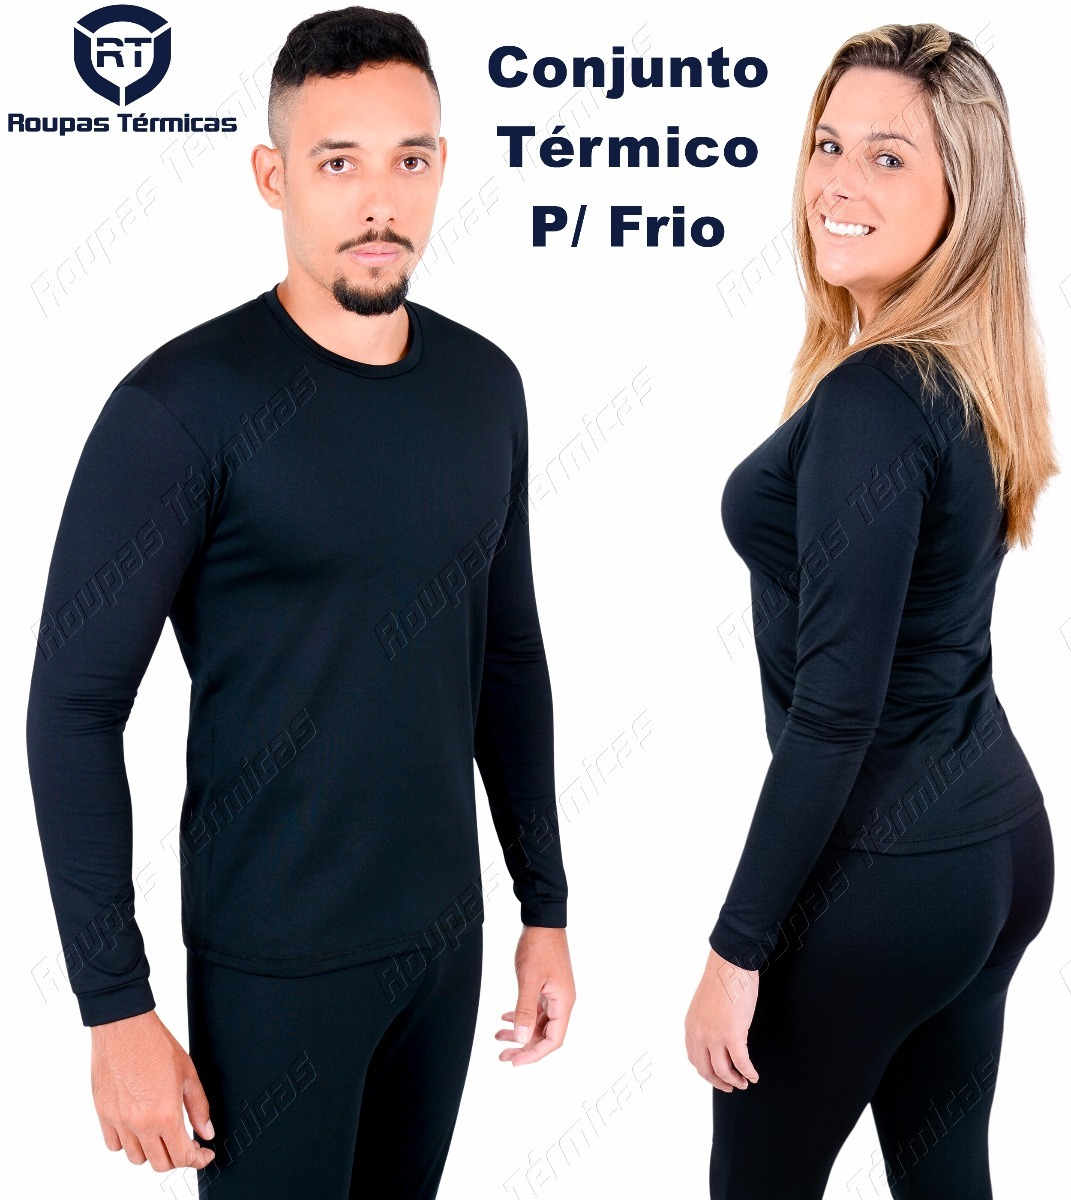 9e8b27a62 conjunto segunda pele roupas térmicas frio intenso proteção. Carregando  zoom.